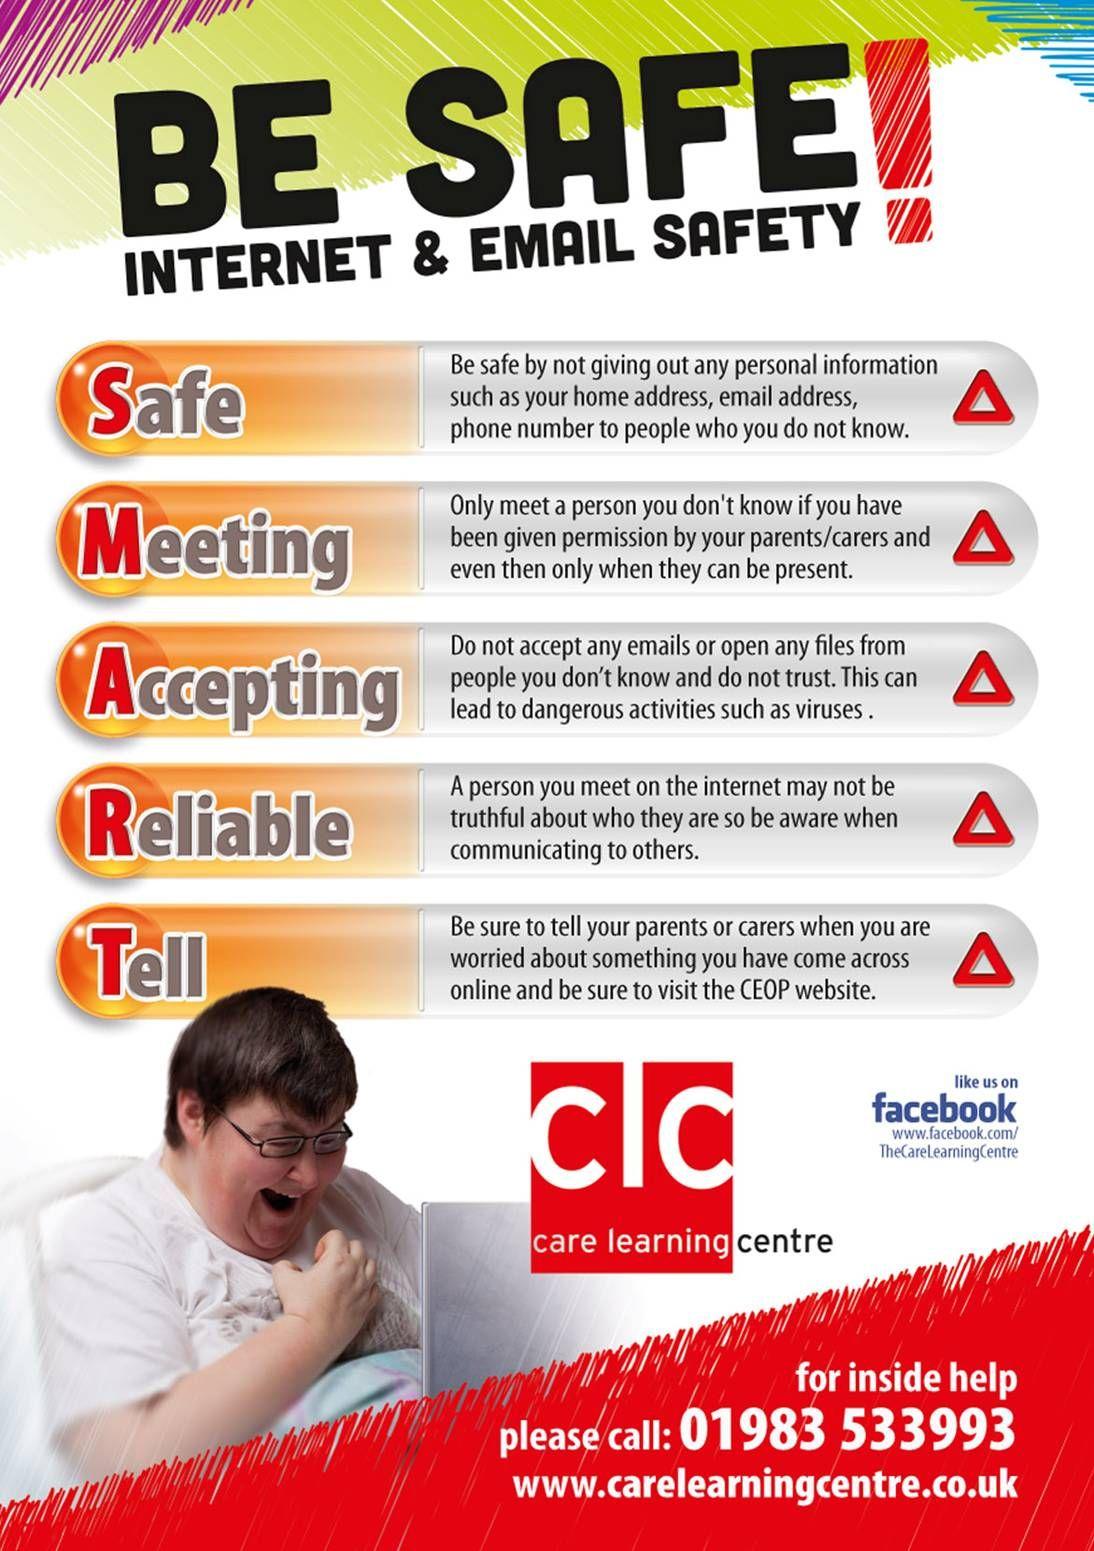 Clc be safe be smart 2013 leaflet promoting safety on